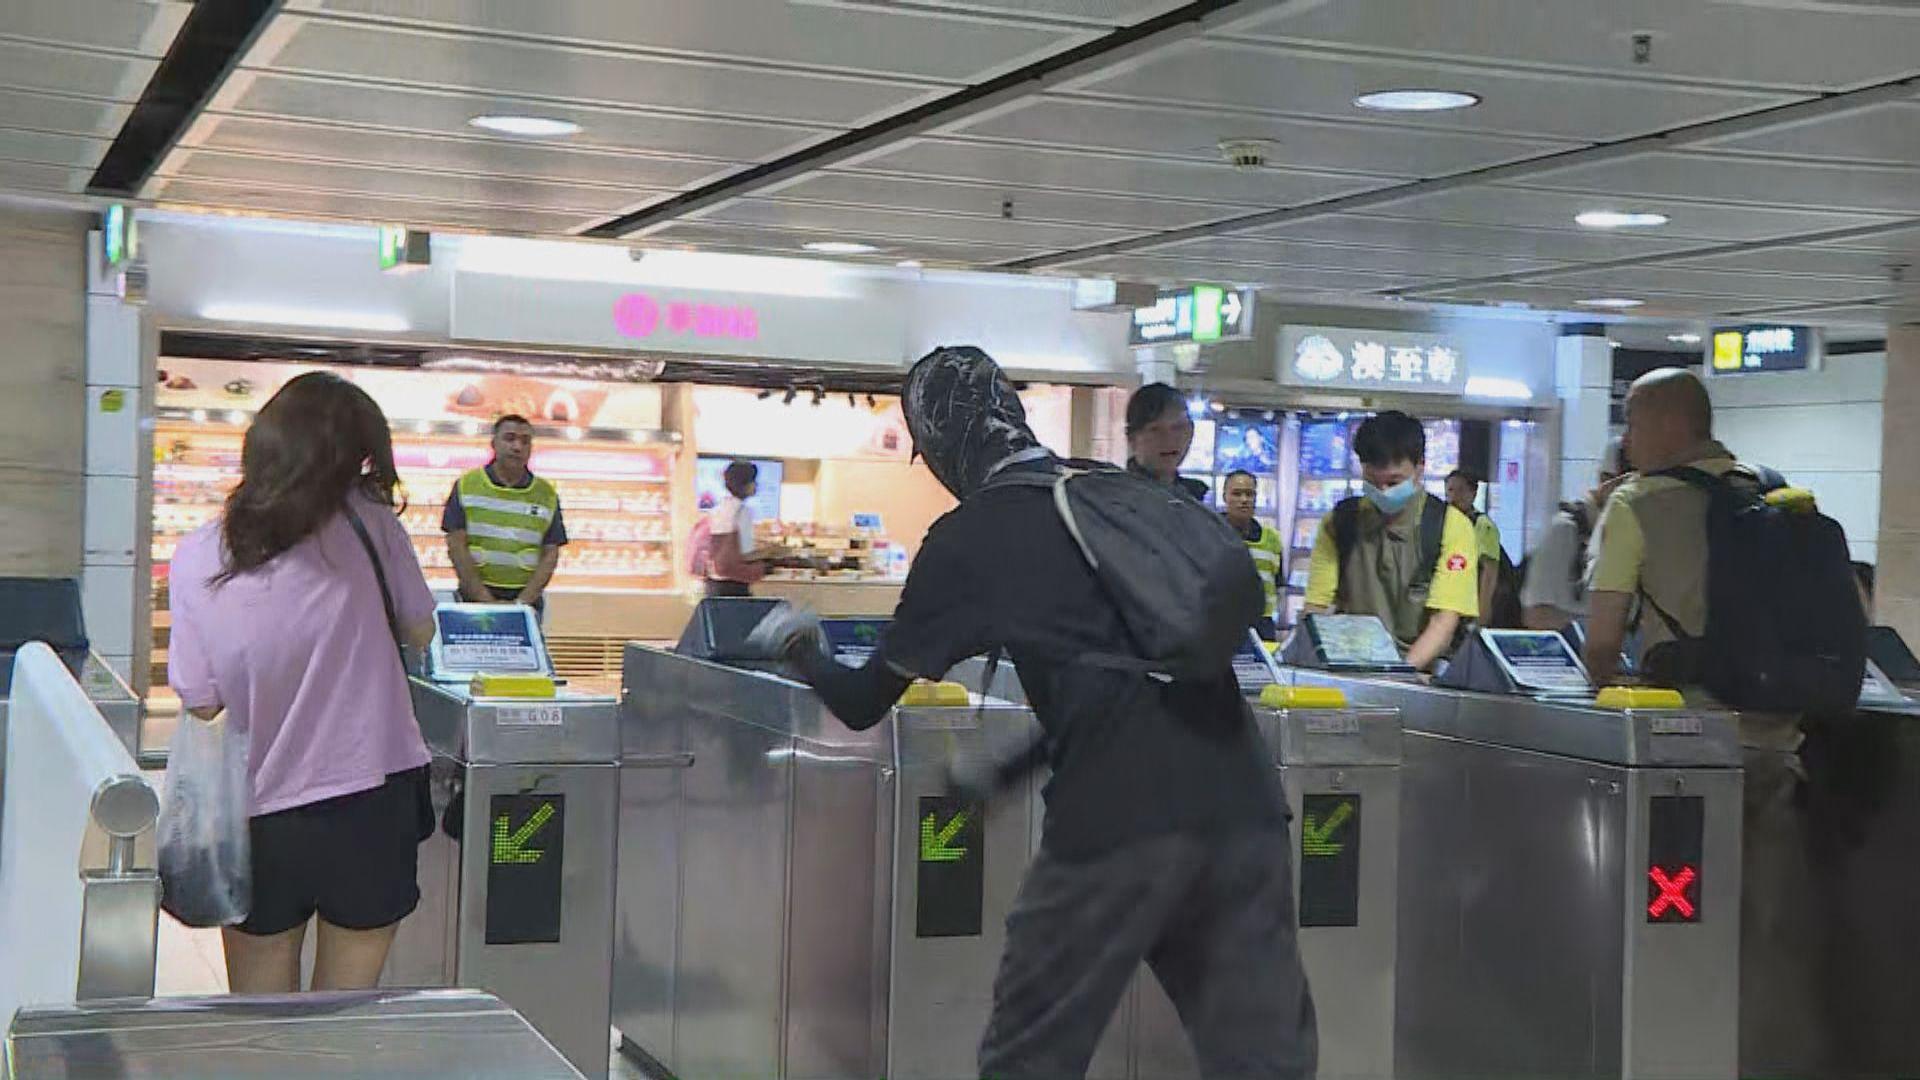 沙田有示威者破壞港鐵出入閘機 警到新城市制服至少兩人